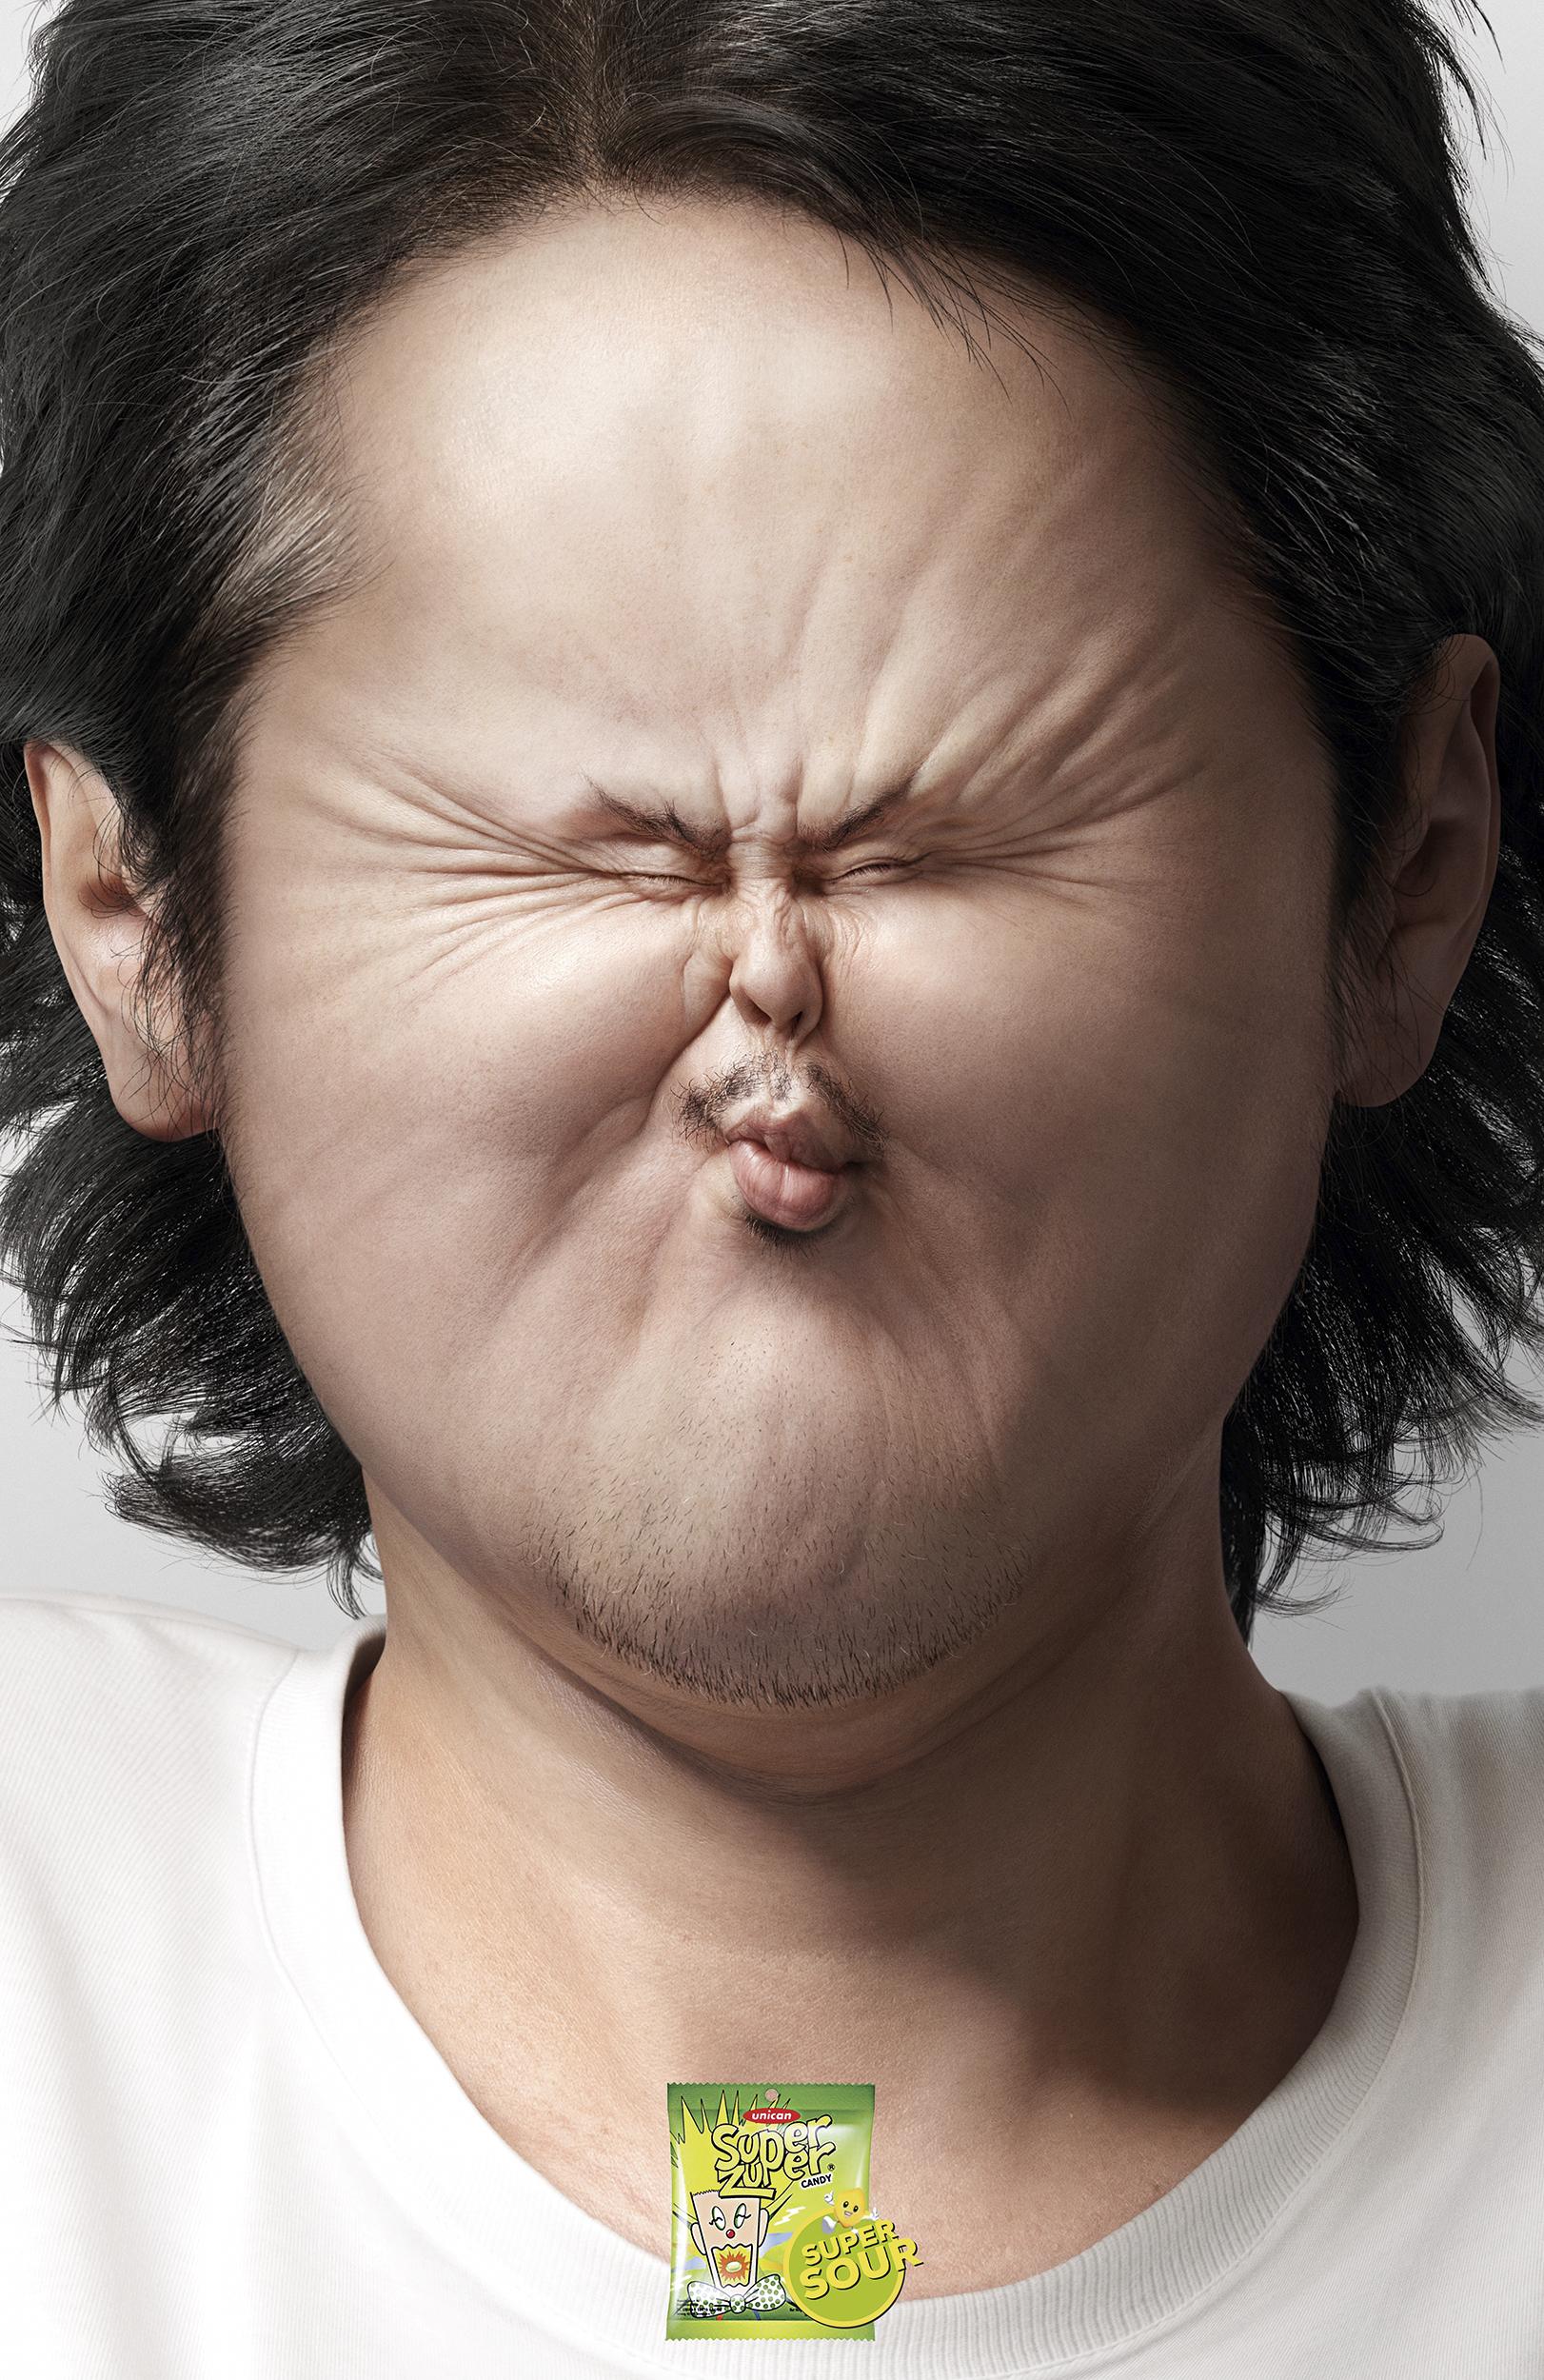 Sour-Faced Man, Sour-Faced Woman  Hakuhodo Indonesia